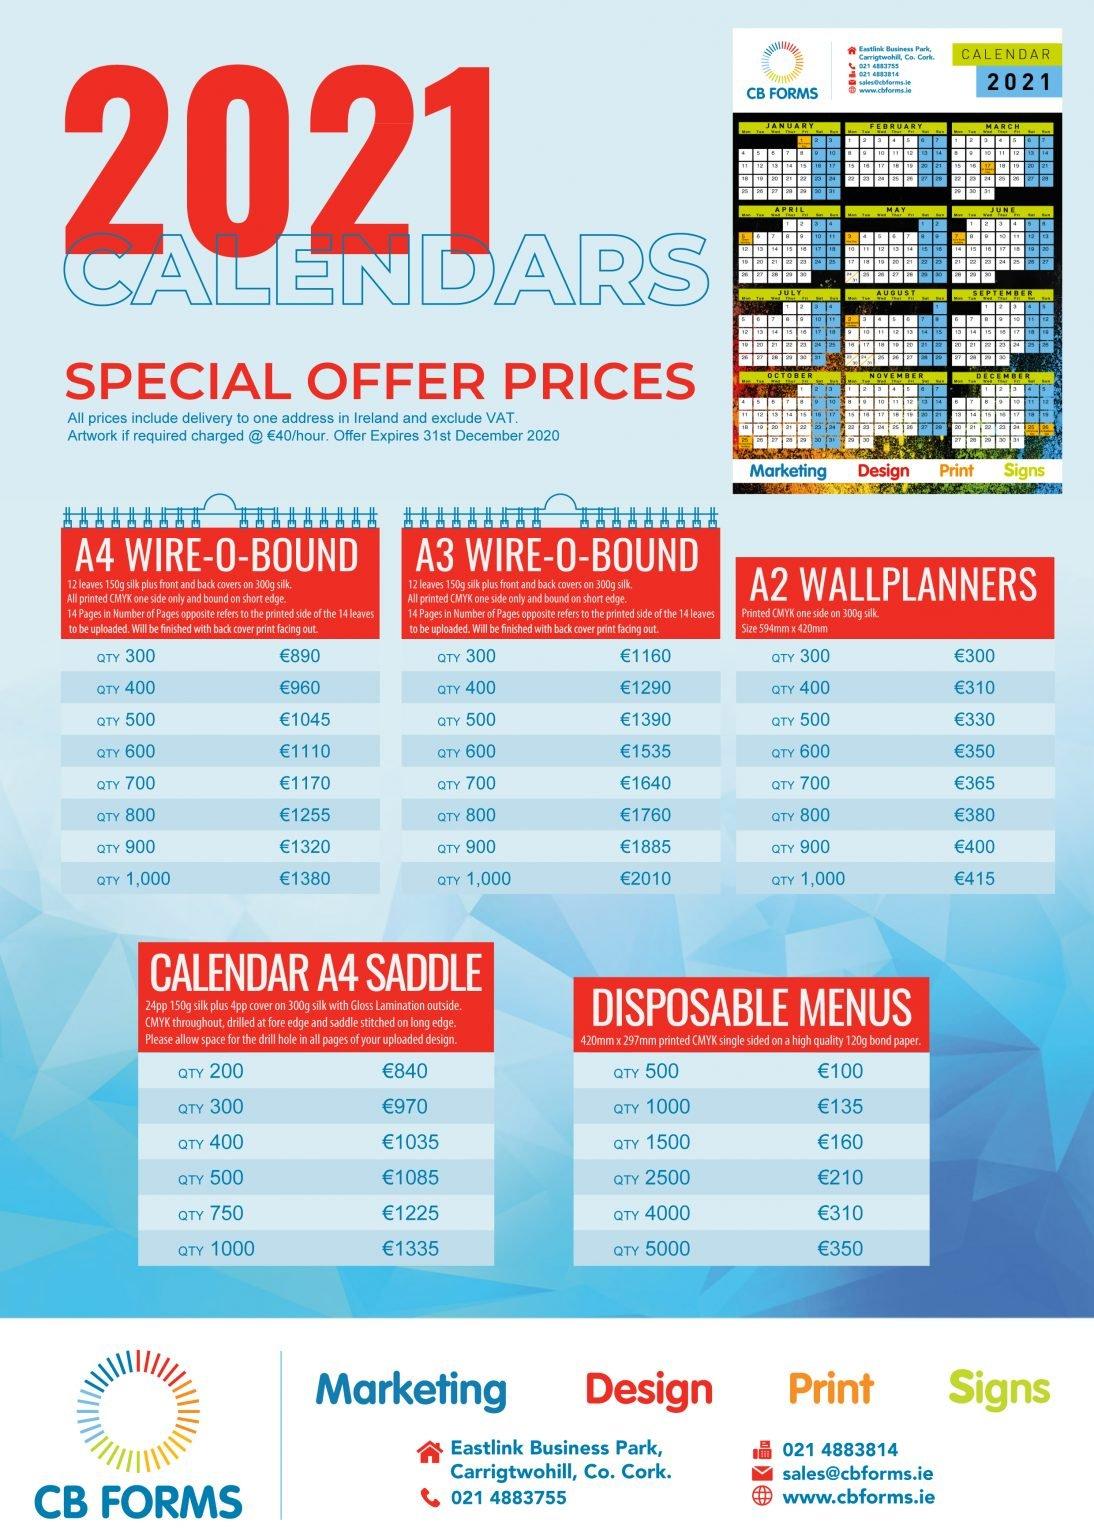 2021 Calendar Prices